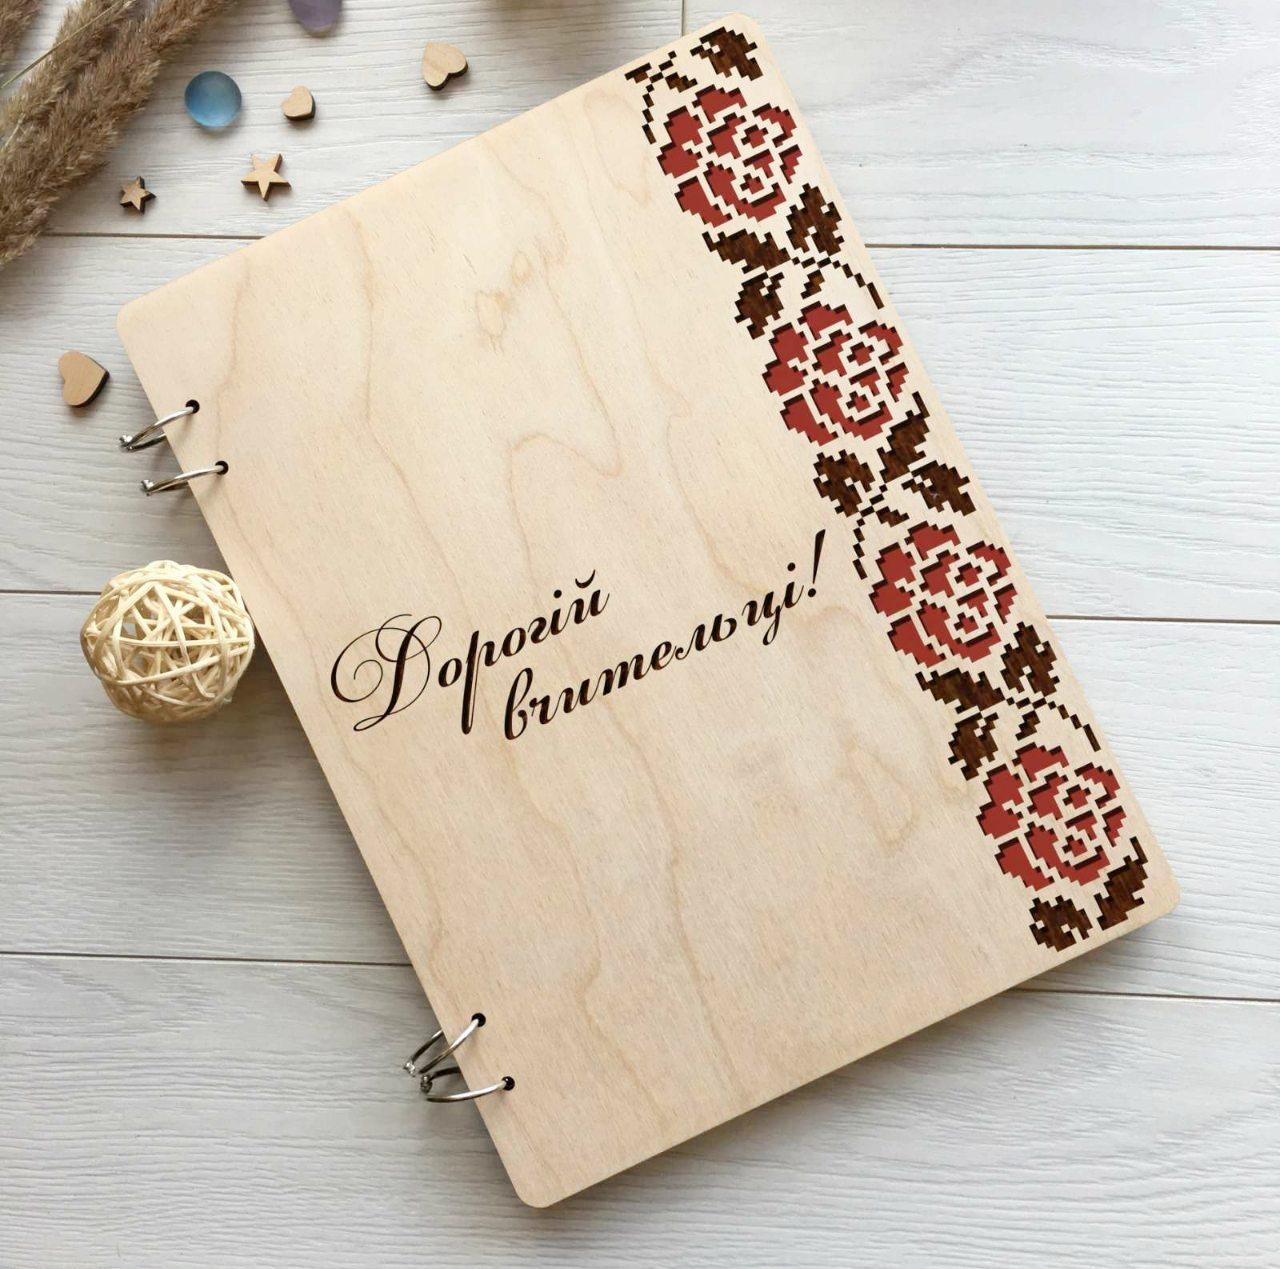 Деревянный блокнот с цветочным орнаментом на подарок учителю